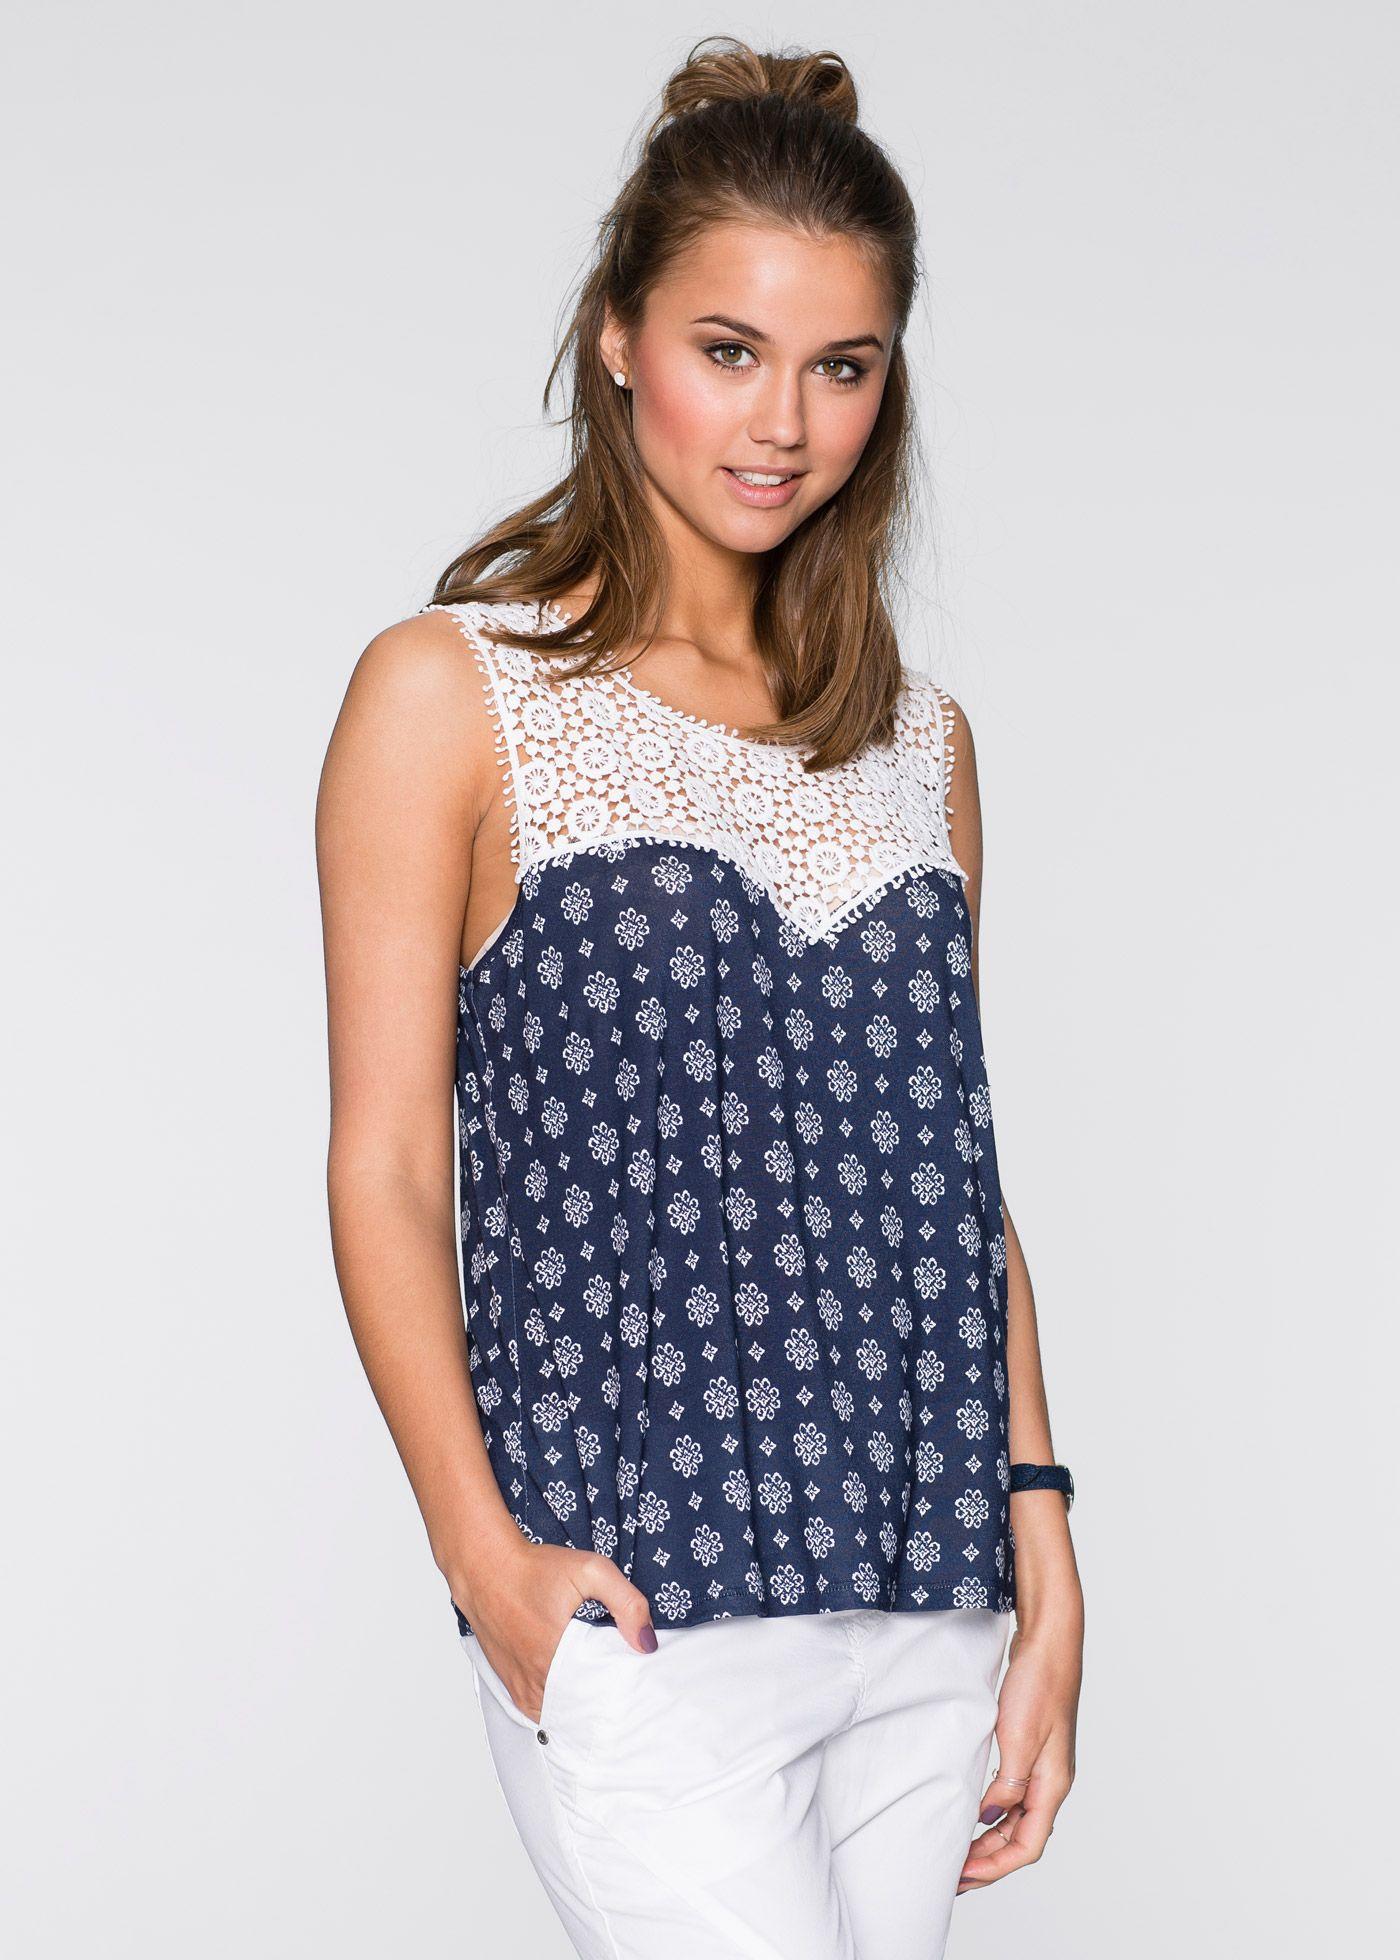 Shirt mit Spitze dunkelblau bedruckt - RAINBOW jetzt im Online Shop von bonprix.de ab ? 19,99 bestellen. Mit aufwendiger Spitze am Kragen und toll zu ...